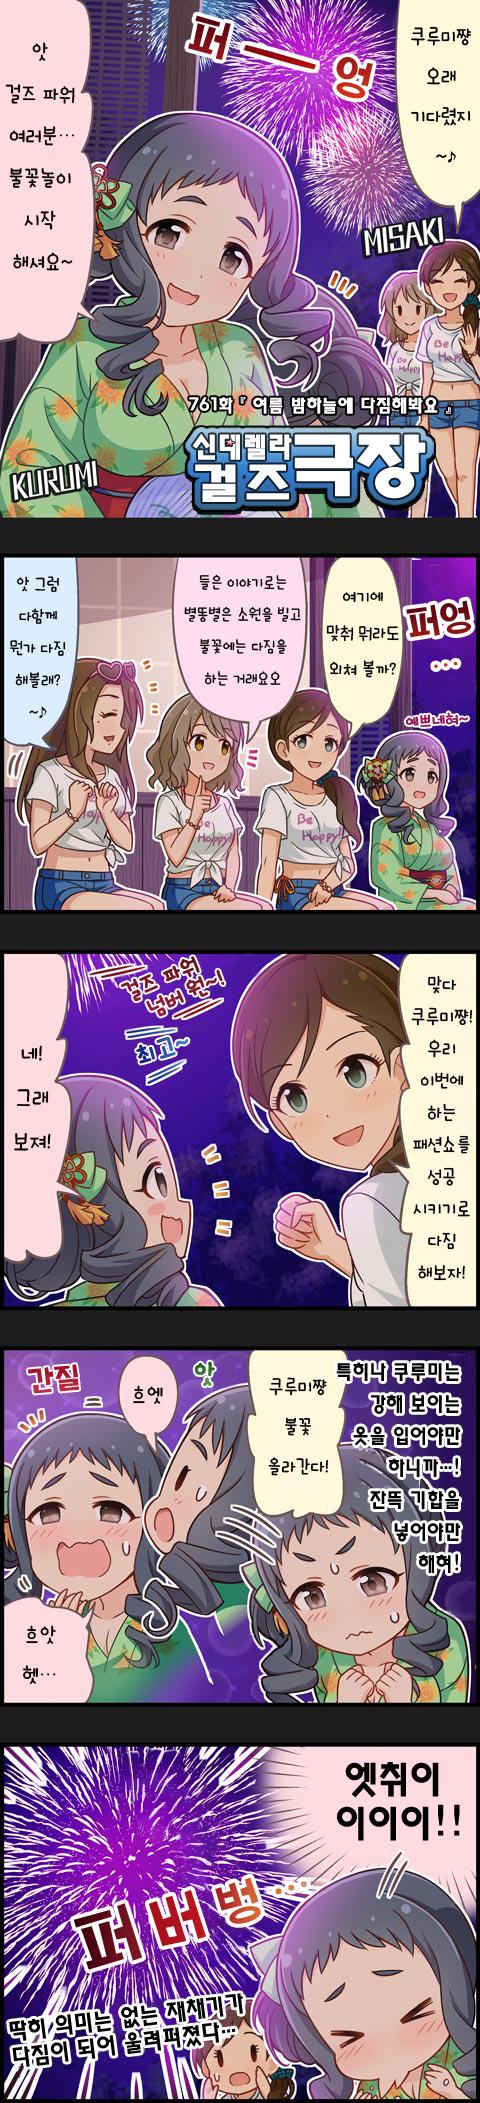 신데렐라 걸즈 극장 761화